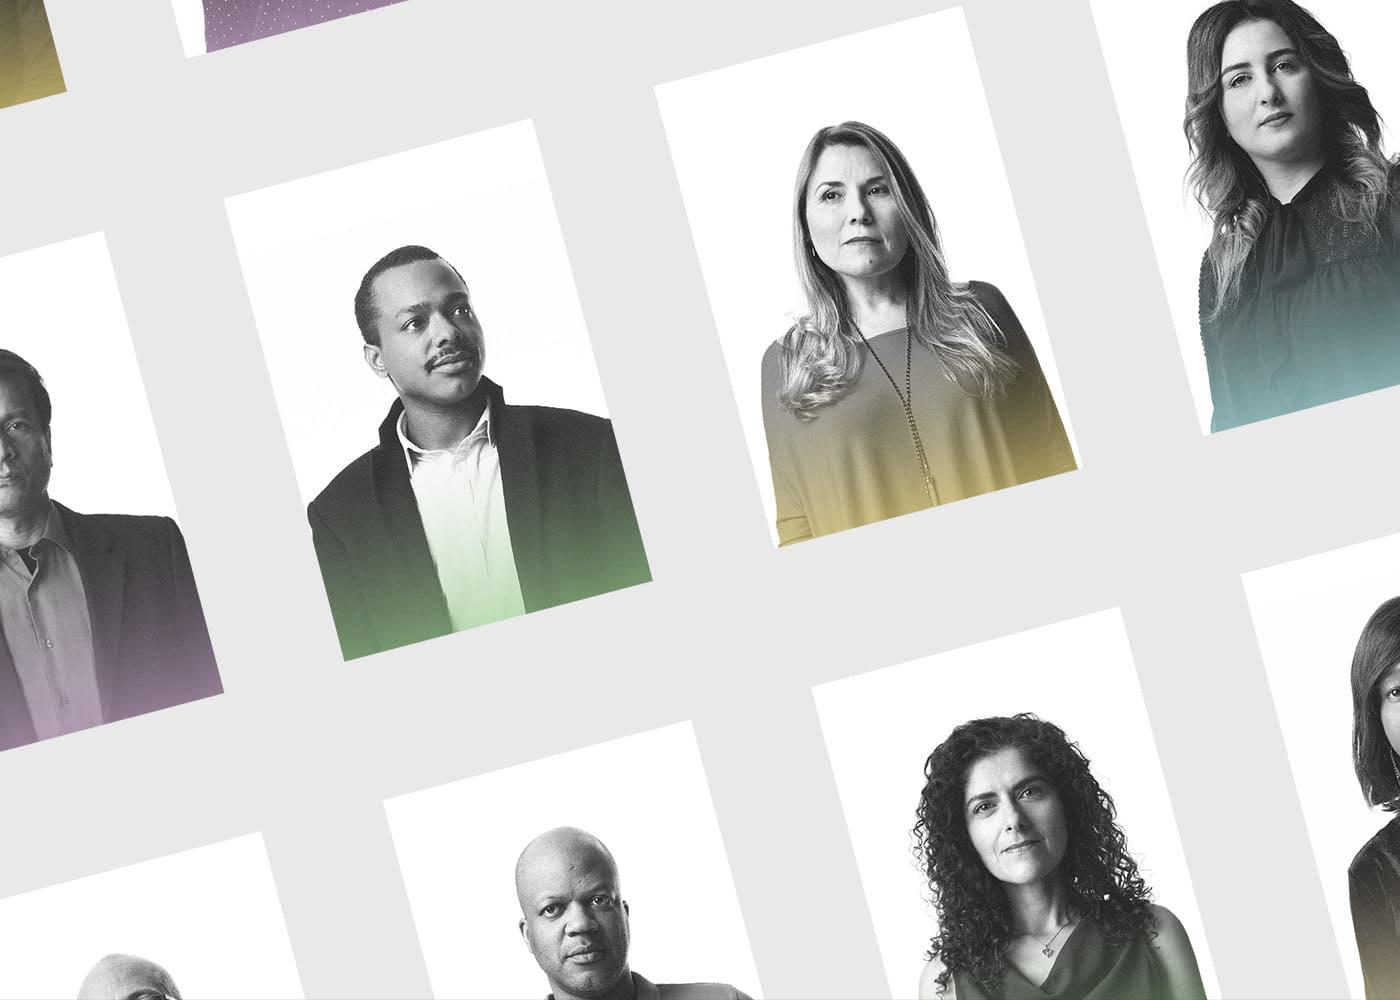 campaign city closed doors Immigration interactive mask Montreal portes fermées racisme